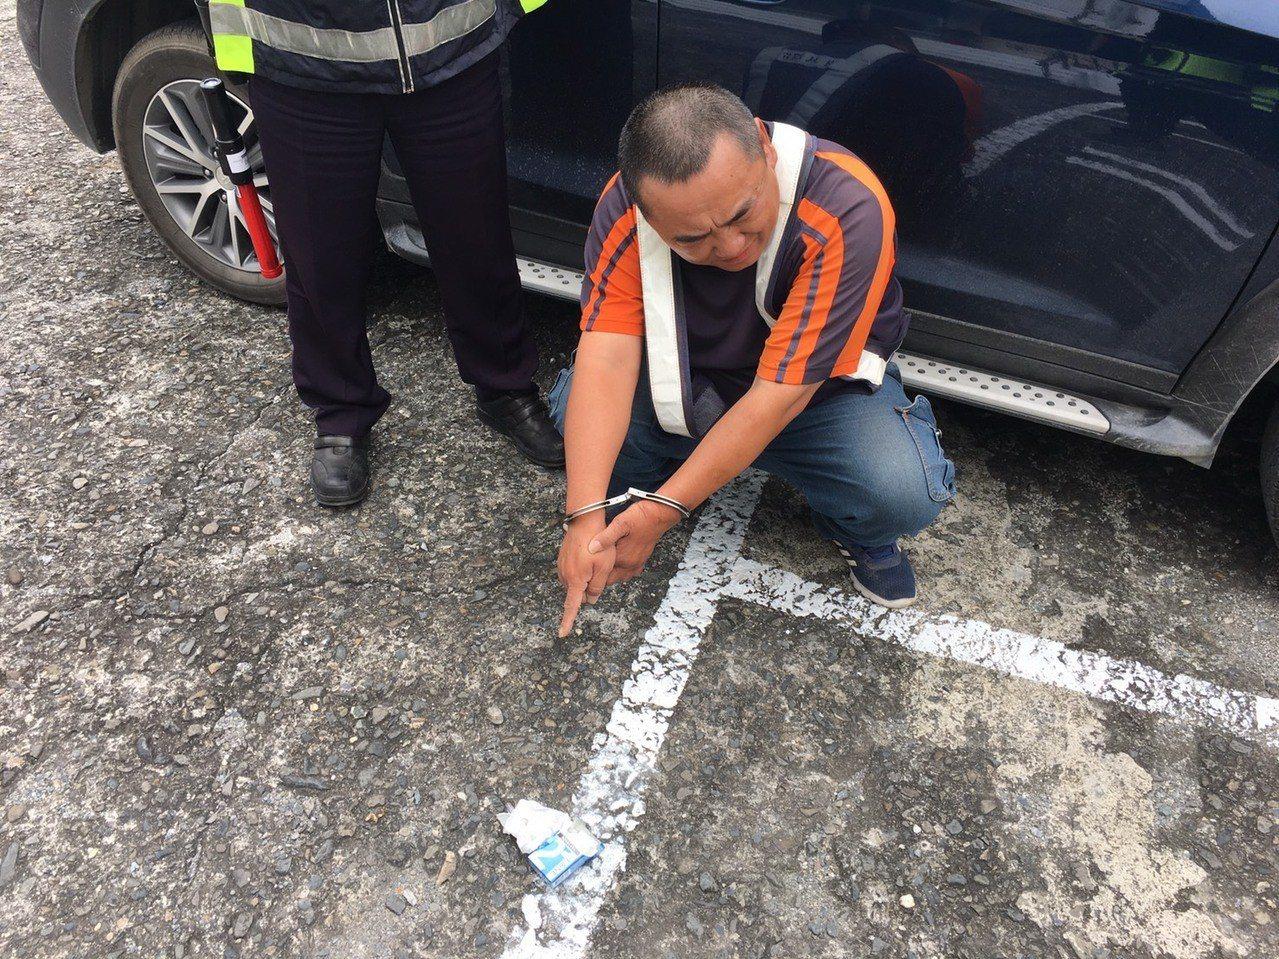 台東大武警分局多良派出所昨天執行取締車輛超速違規時,查獲陳姓男子持有毒品吸食器。...